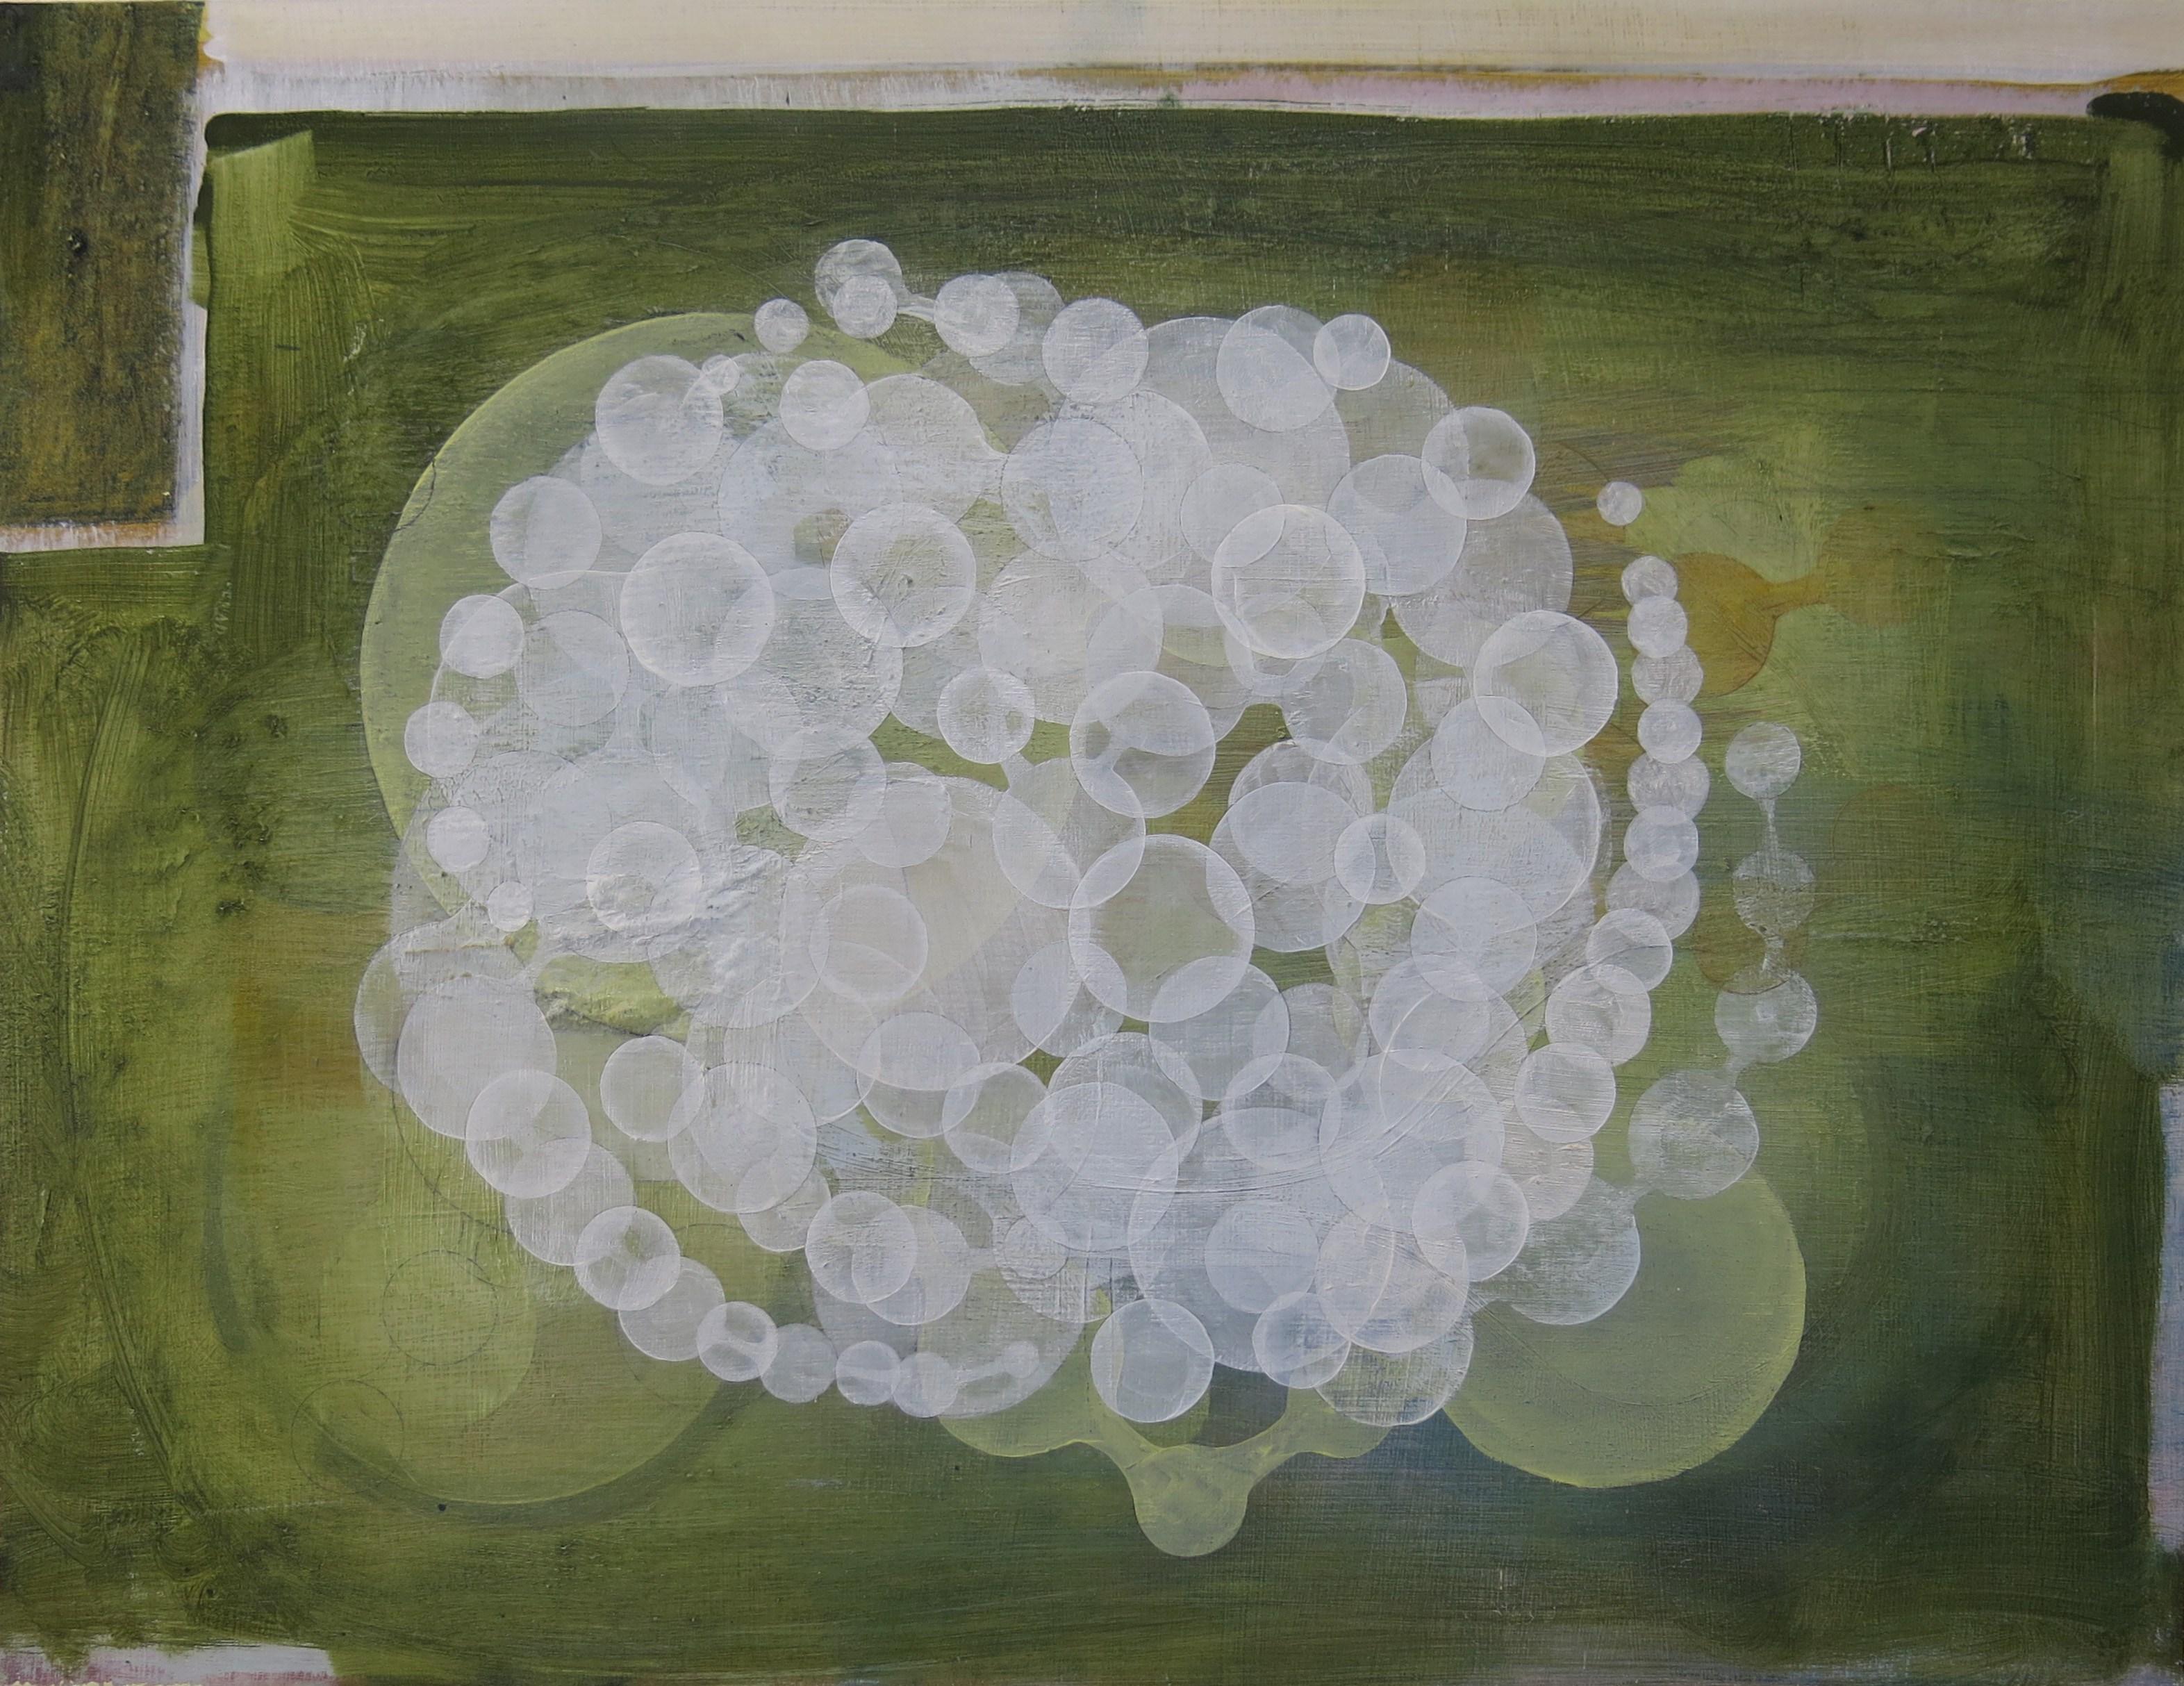 Dan Roach, PAr-2017 Outlayer, 2017. Oil on panel, 32 x 41.5cm